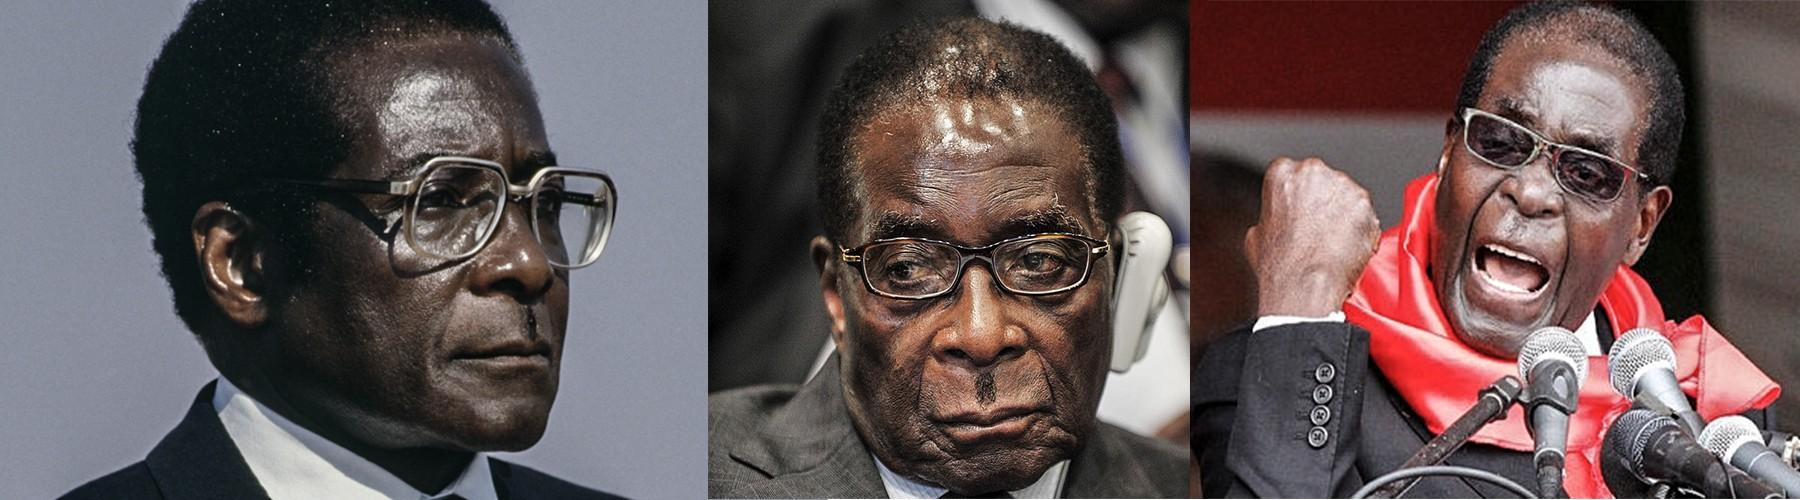 [e-Magazine] - Tổng thống Zimbabwe: Từ vị anh hùng thành kẻ tham quyền - Ảnh 5.